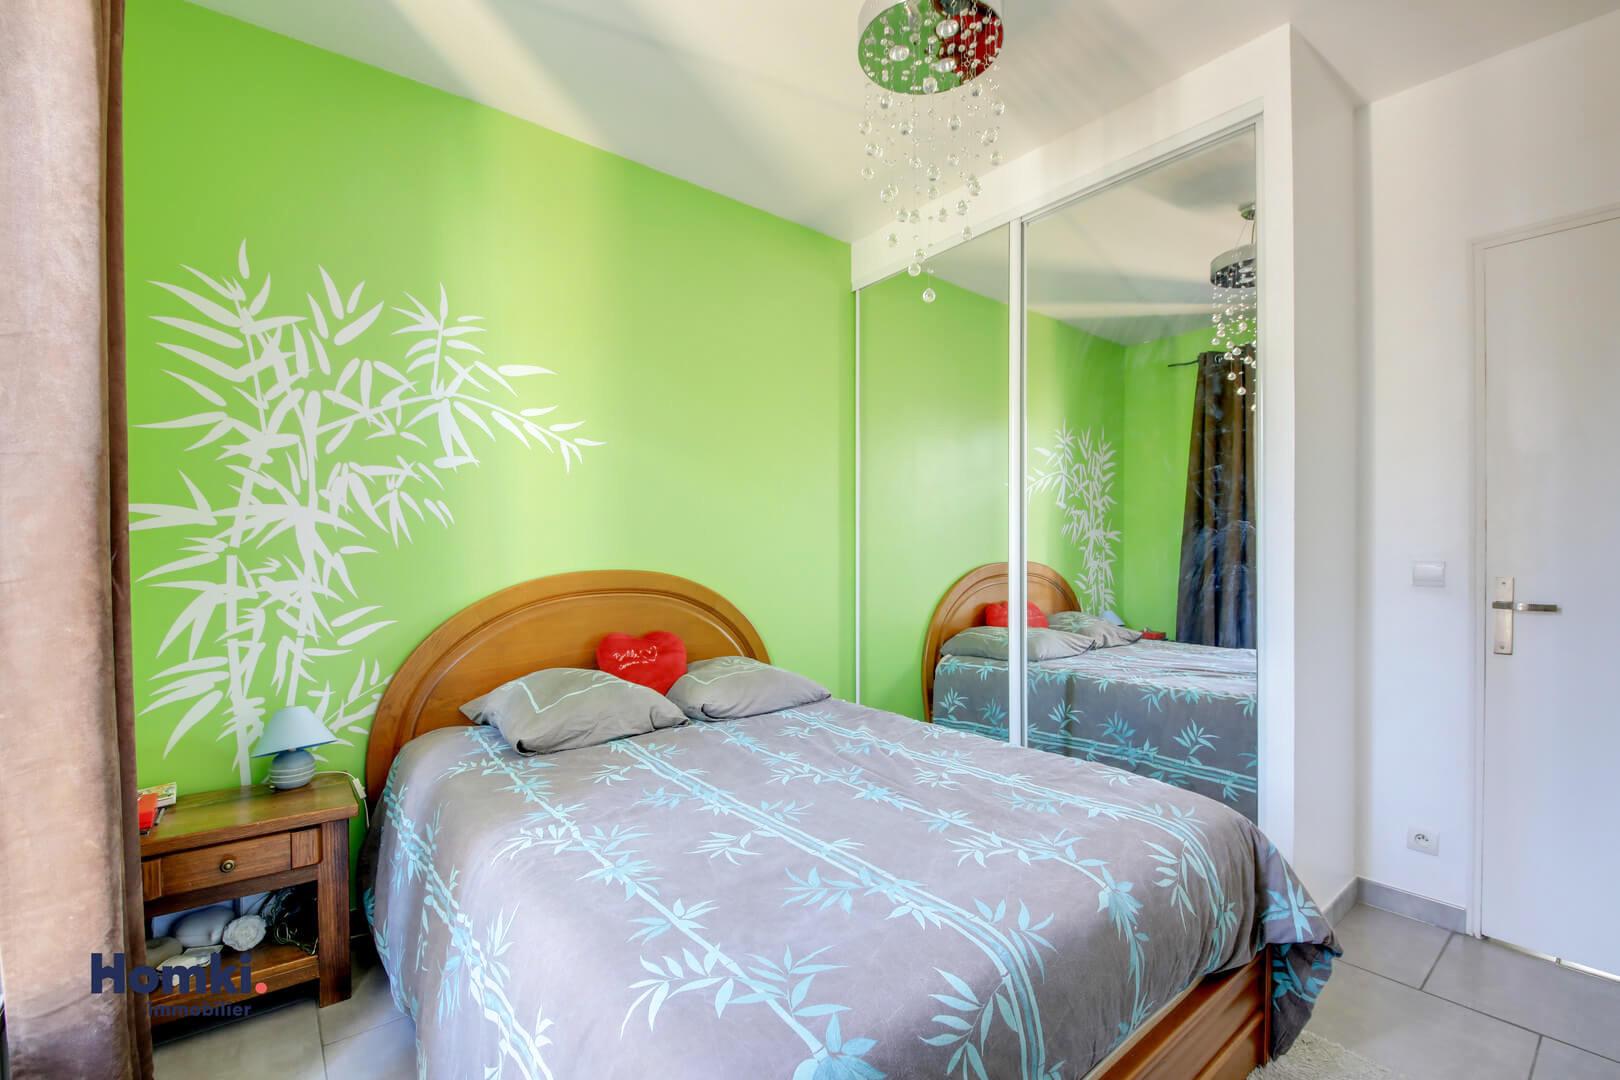 Vente Appartement 58 m² T3 13011_7